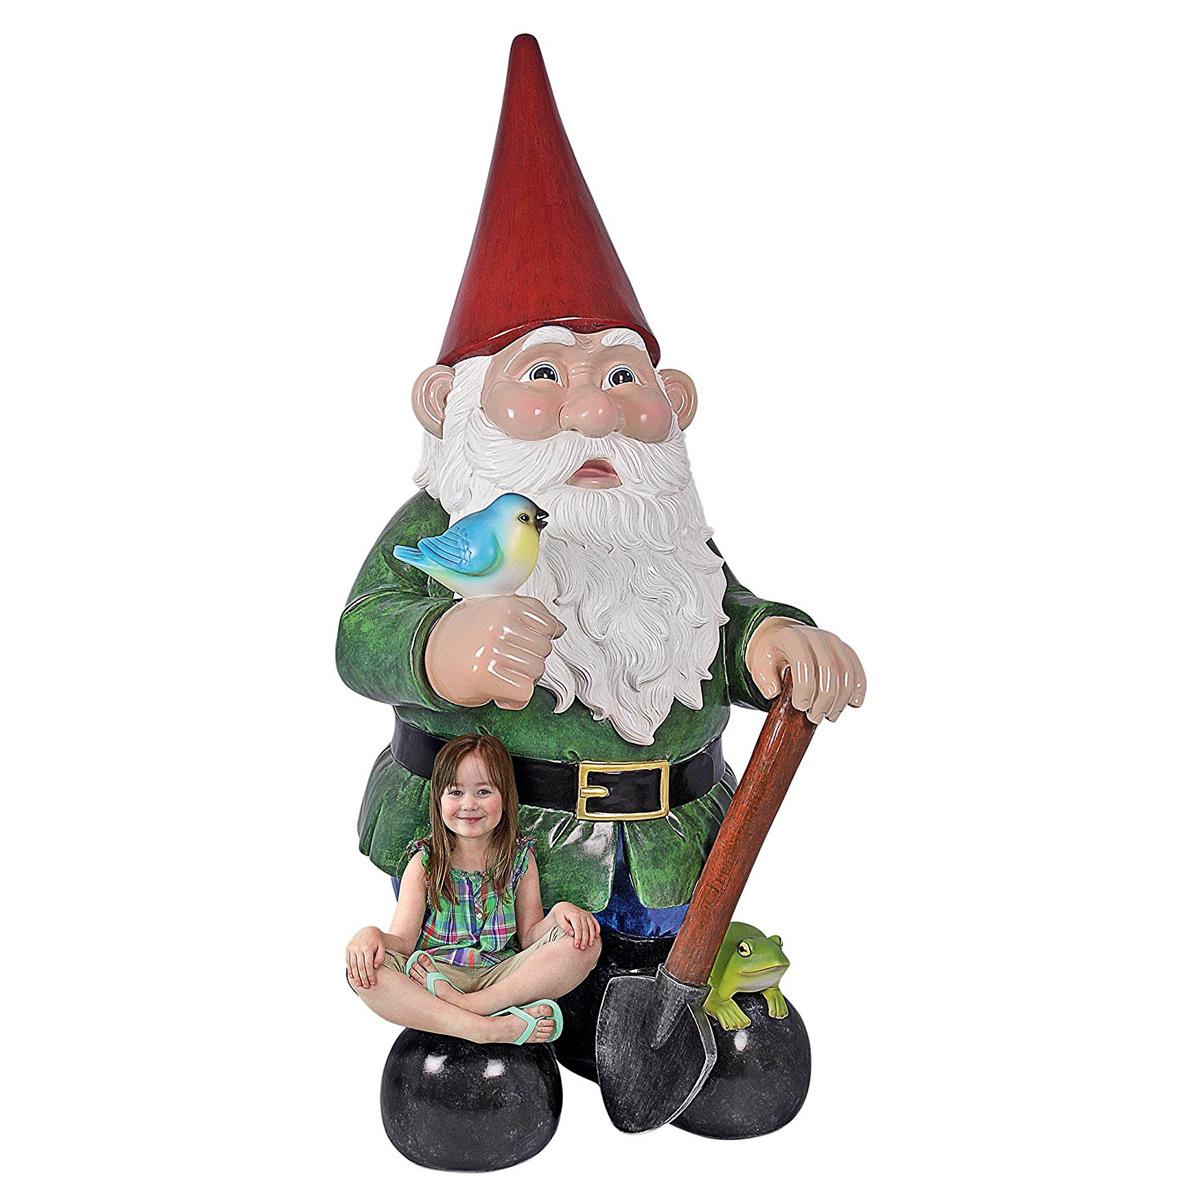 Gnome In Garden: Massive 8.5 Feet Tall Garden Gnome Statue